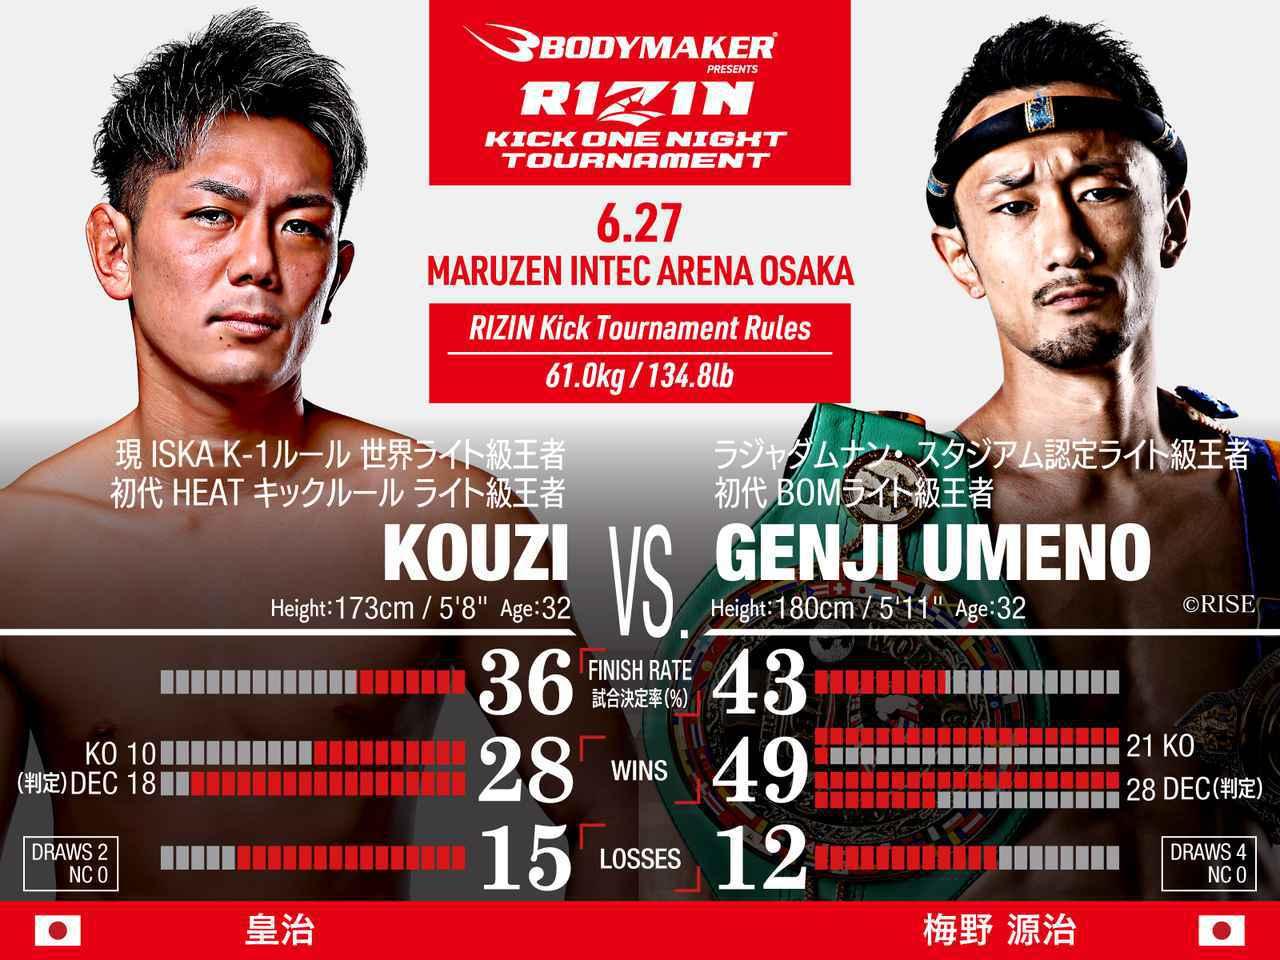 画像: 第4試合 BODYMAKER presents RIZIN KICK ワンナイトトーナメント 1回戦/ 皇治 vs. 梅野源治